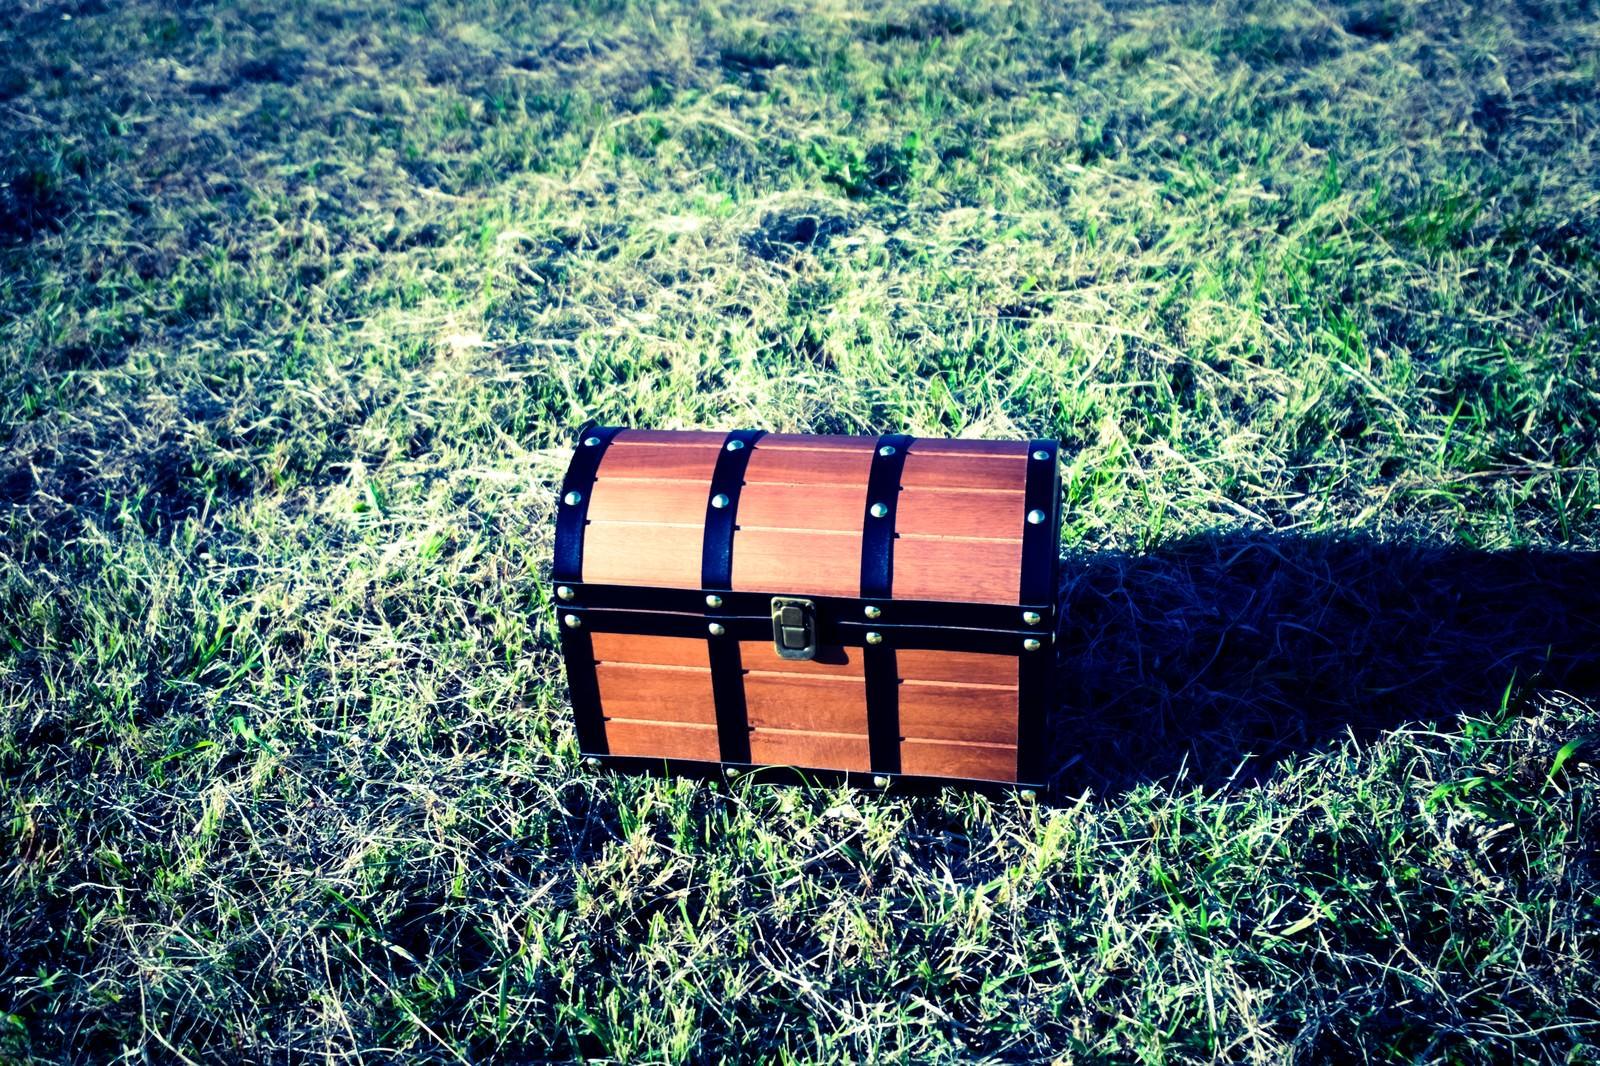 「芝生の上に宝箱を見つけた!」の写真